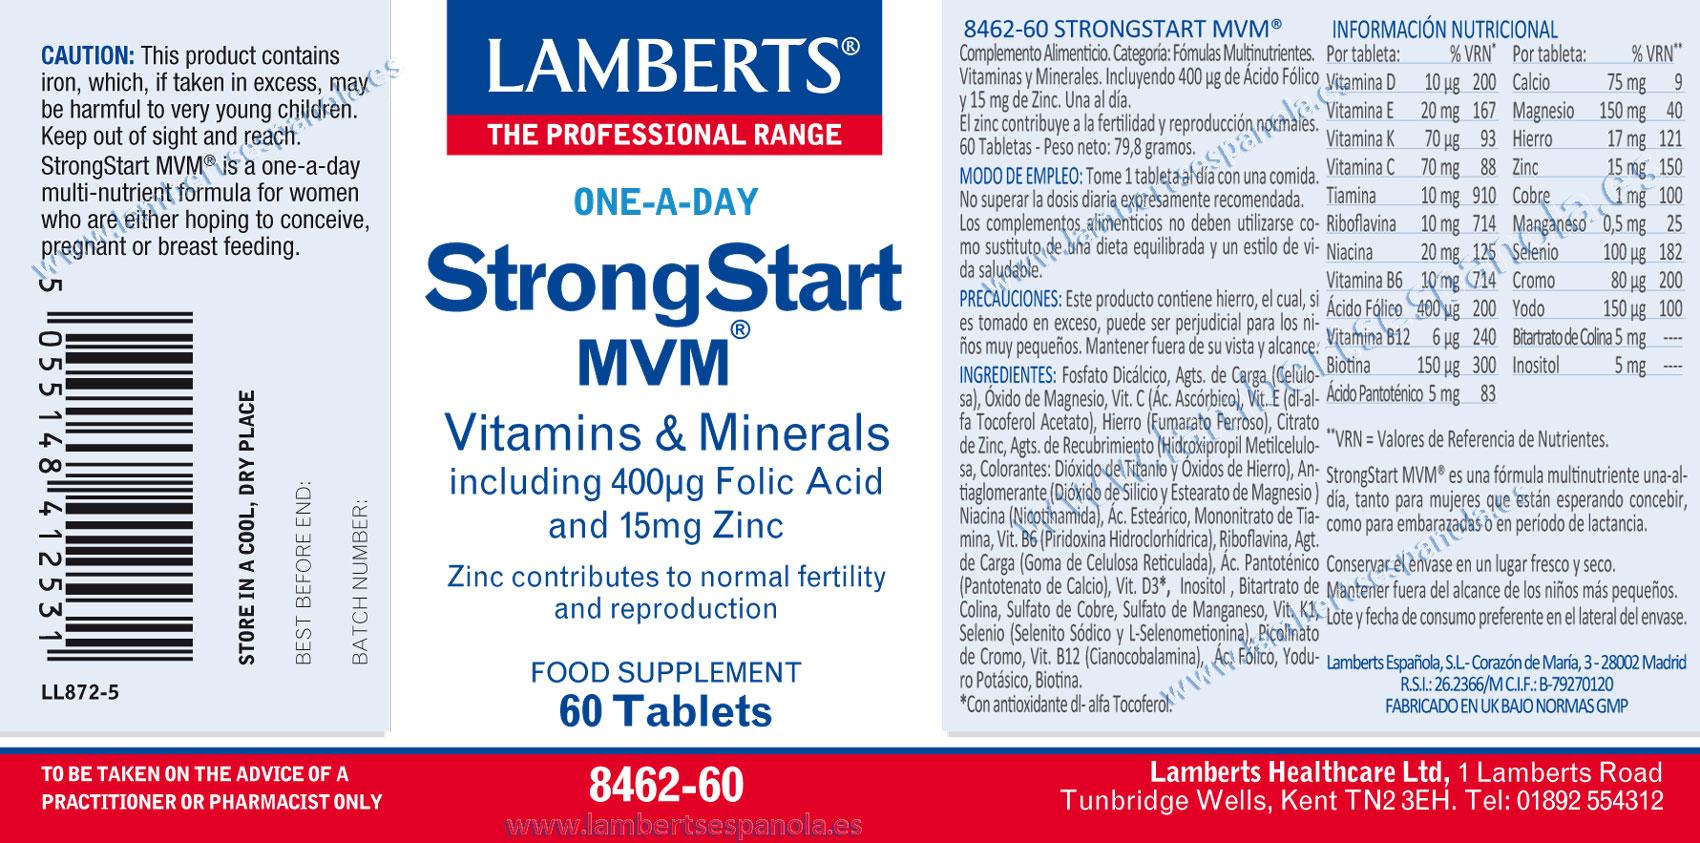 Strong Start de Lamberts